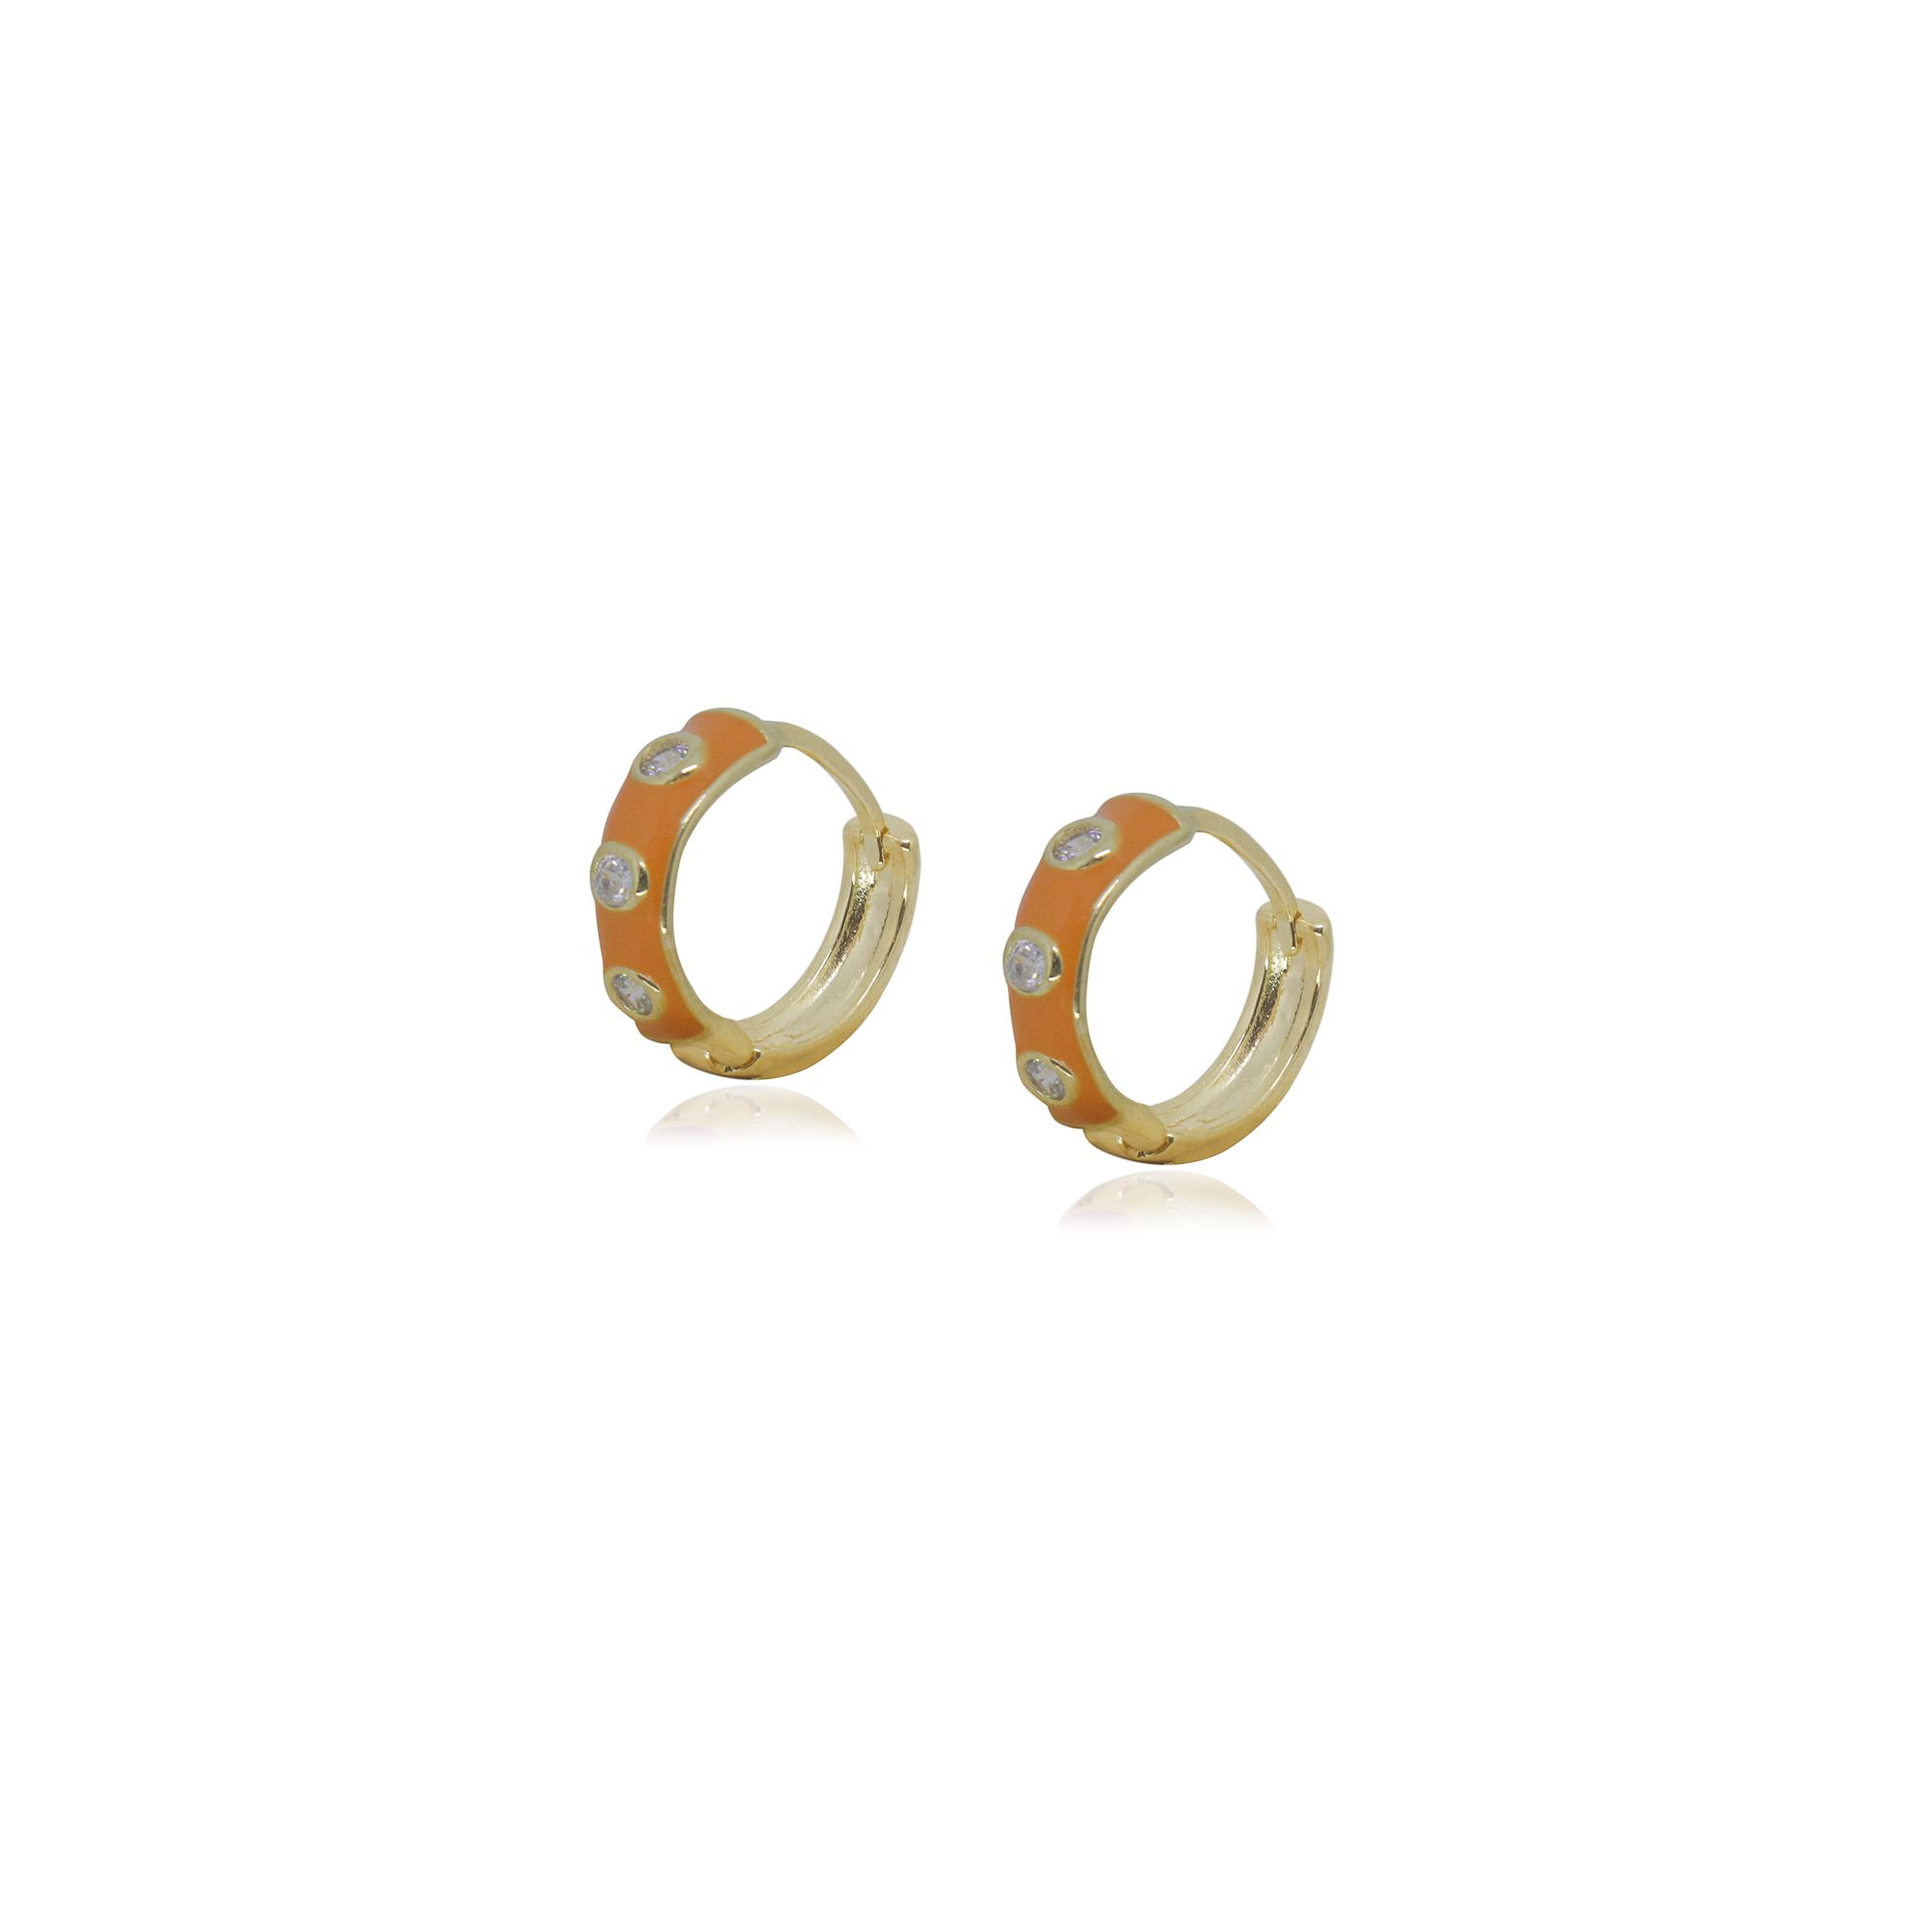 Brinco Semi joia Argola Elite Color com pontos de luz 1,5 cm banhado a ouro 18k ou rhodium e resinada